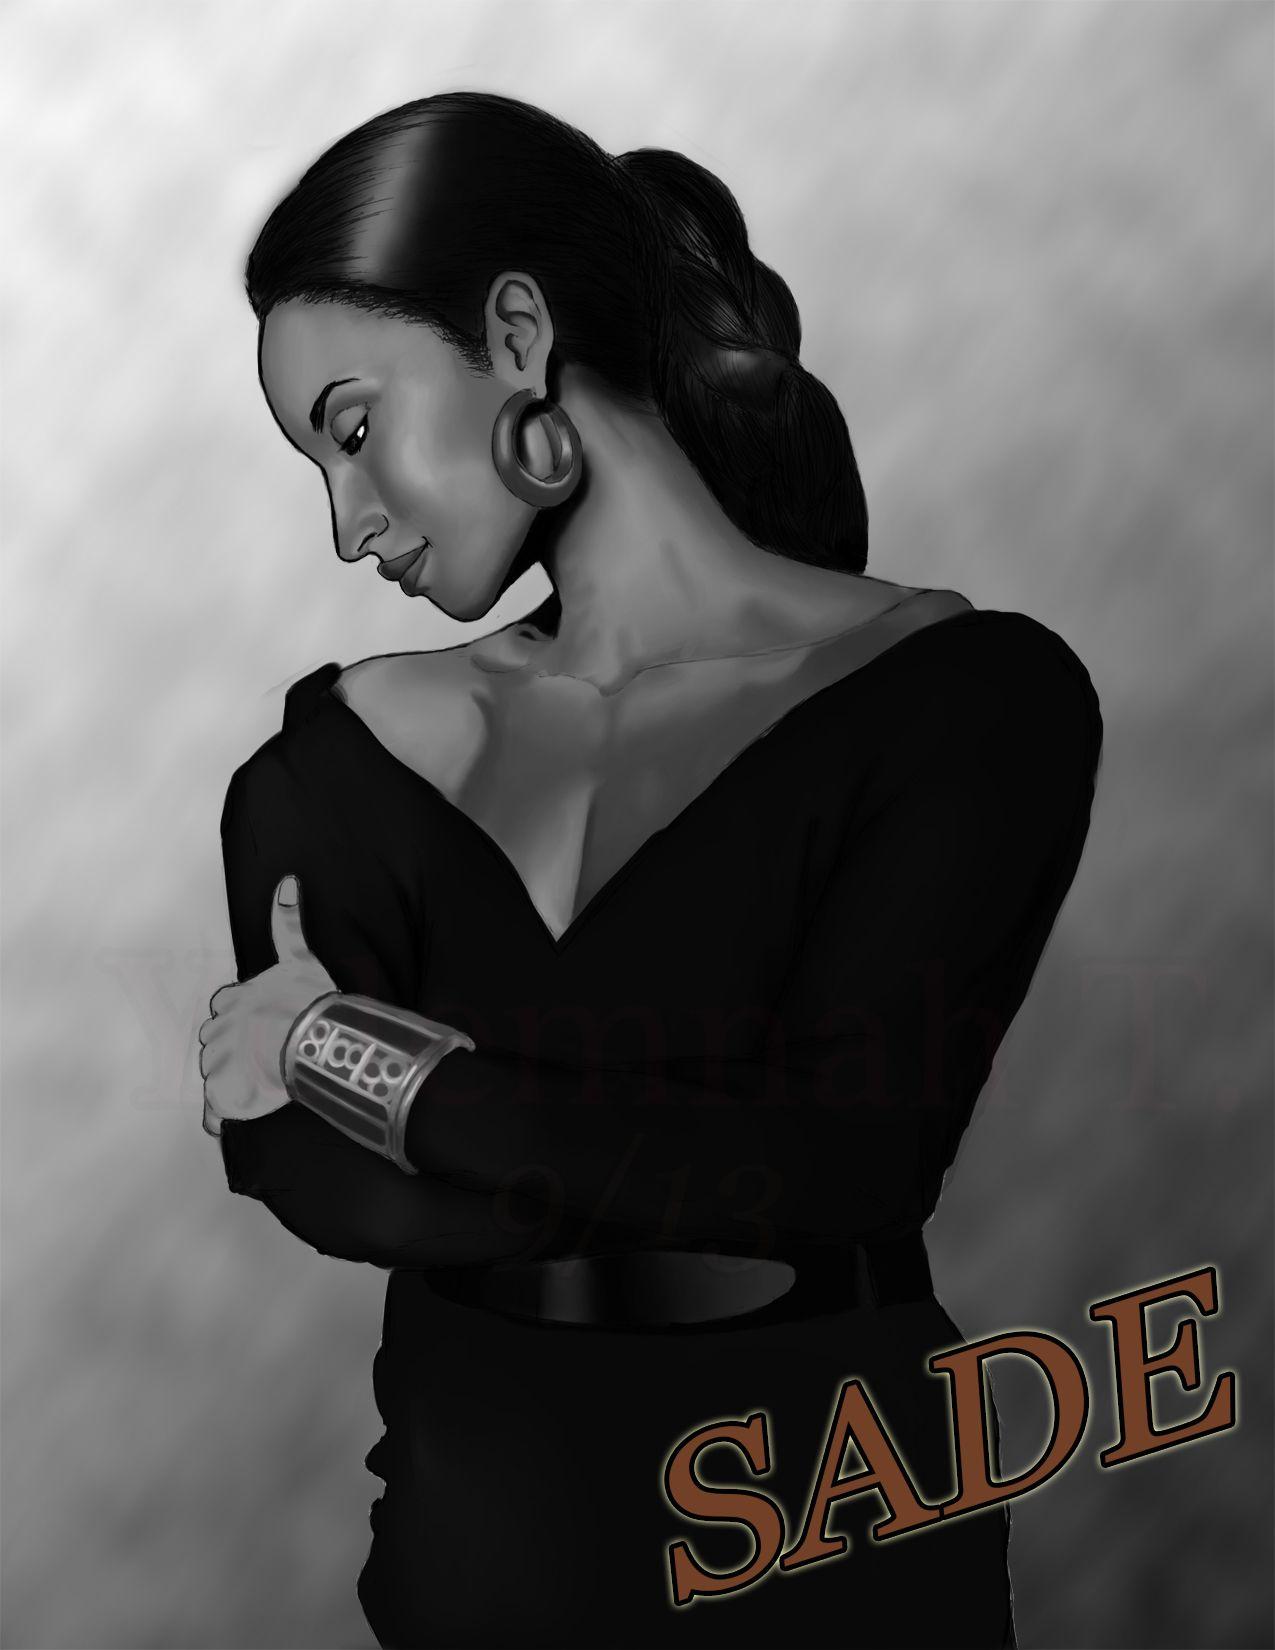 Sade by Yelemnah Tessema Digtal 22 x 28 in., 2013